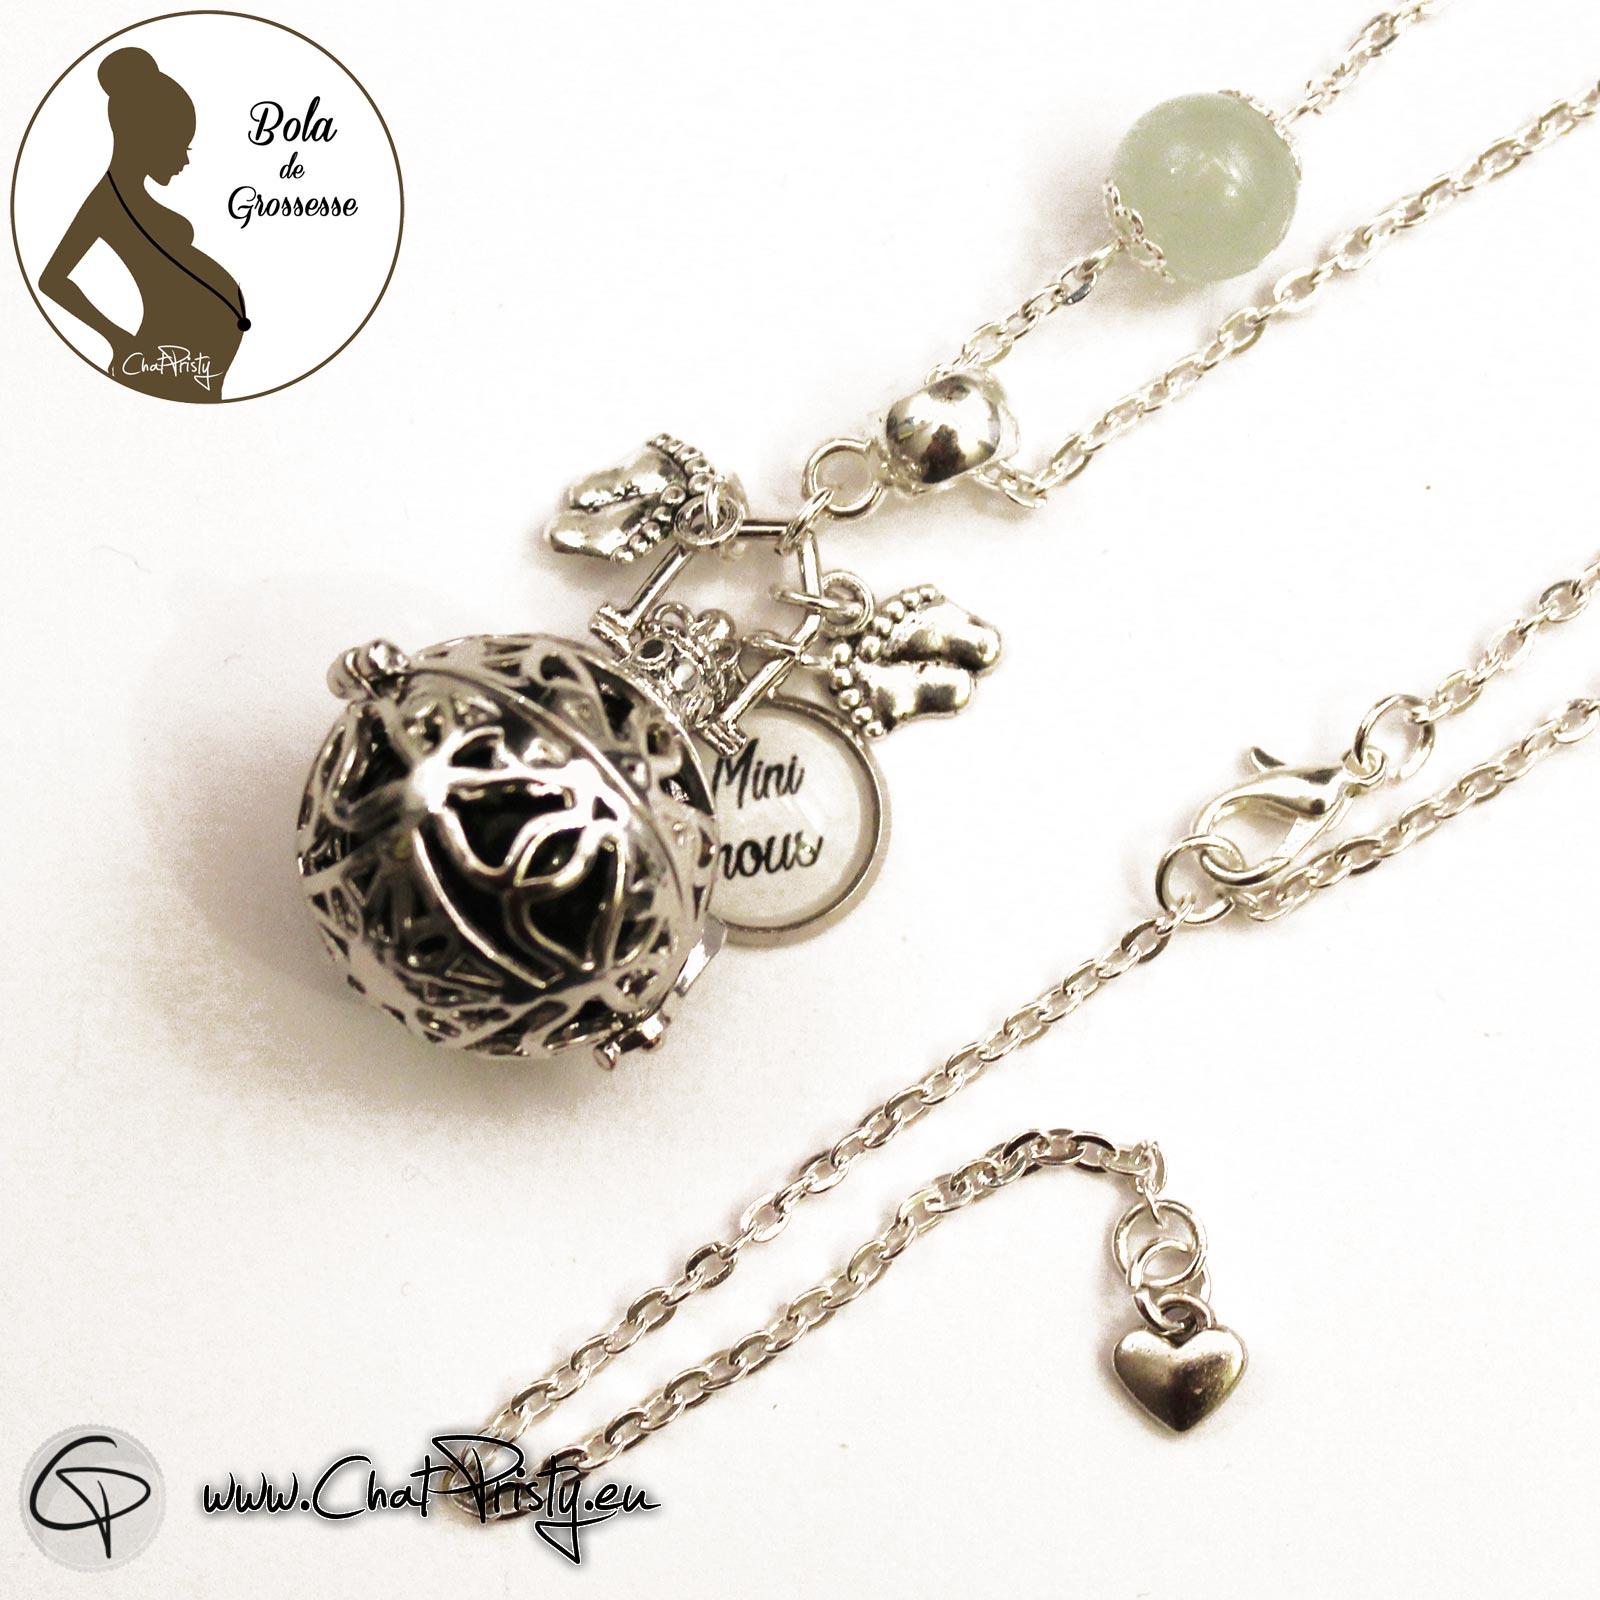 bijou de grossesse femme enceinte bol de grossesse gémellaire à personnaliser avec un mot tendre